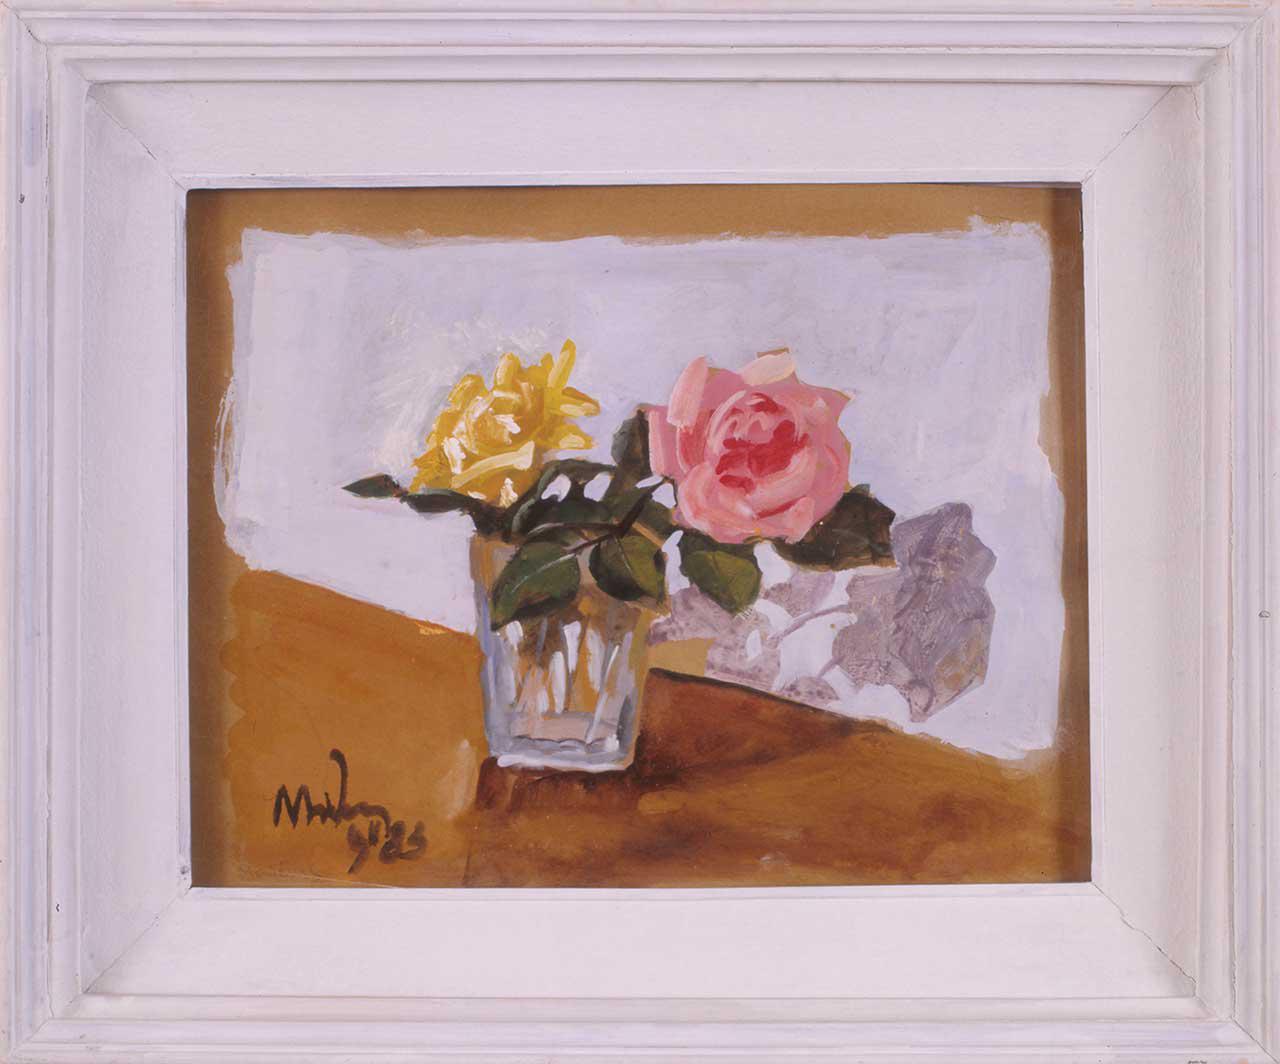 Τριαντάφυλλα, 1983, ακρυλικό σε χαρτί, 48x58 εκ.